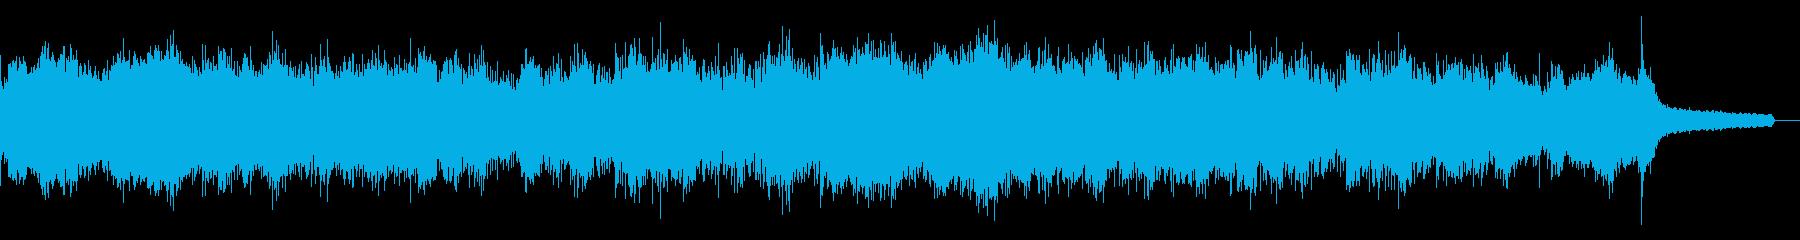 不思議なインダストリアルの再生済みの波形